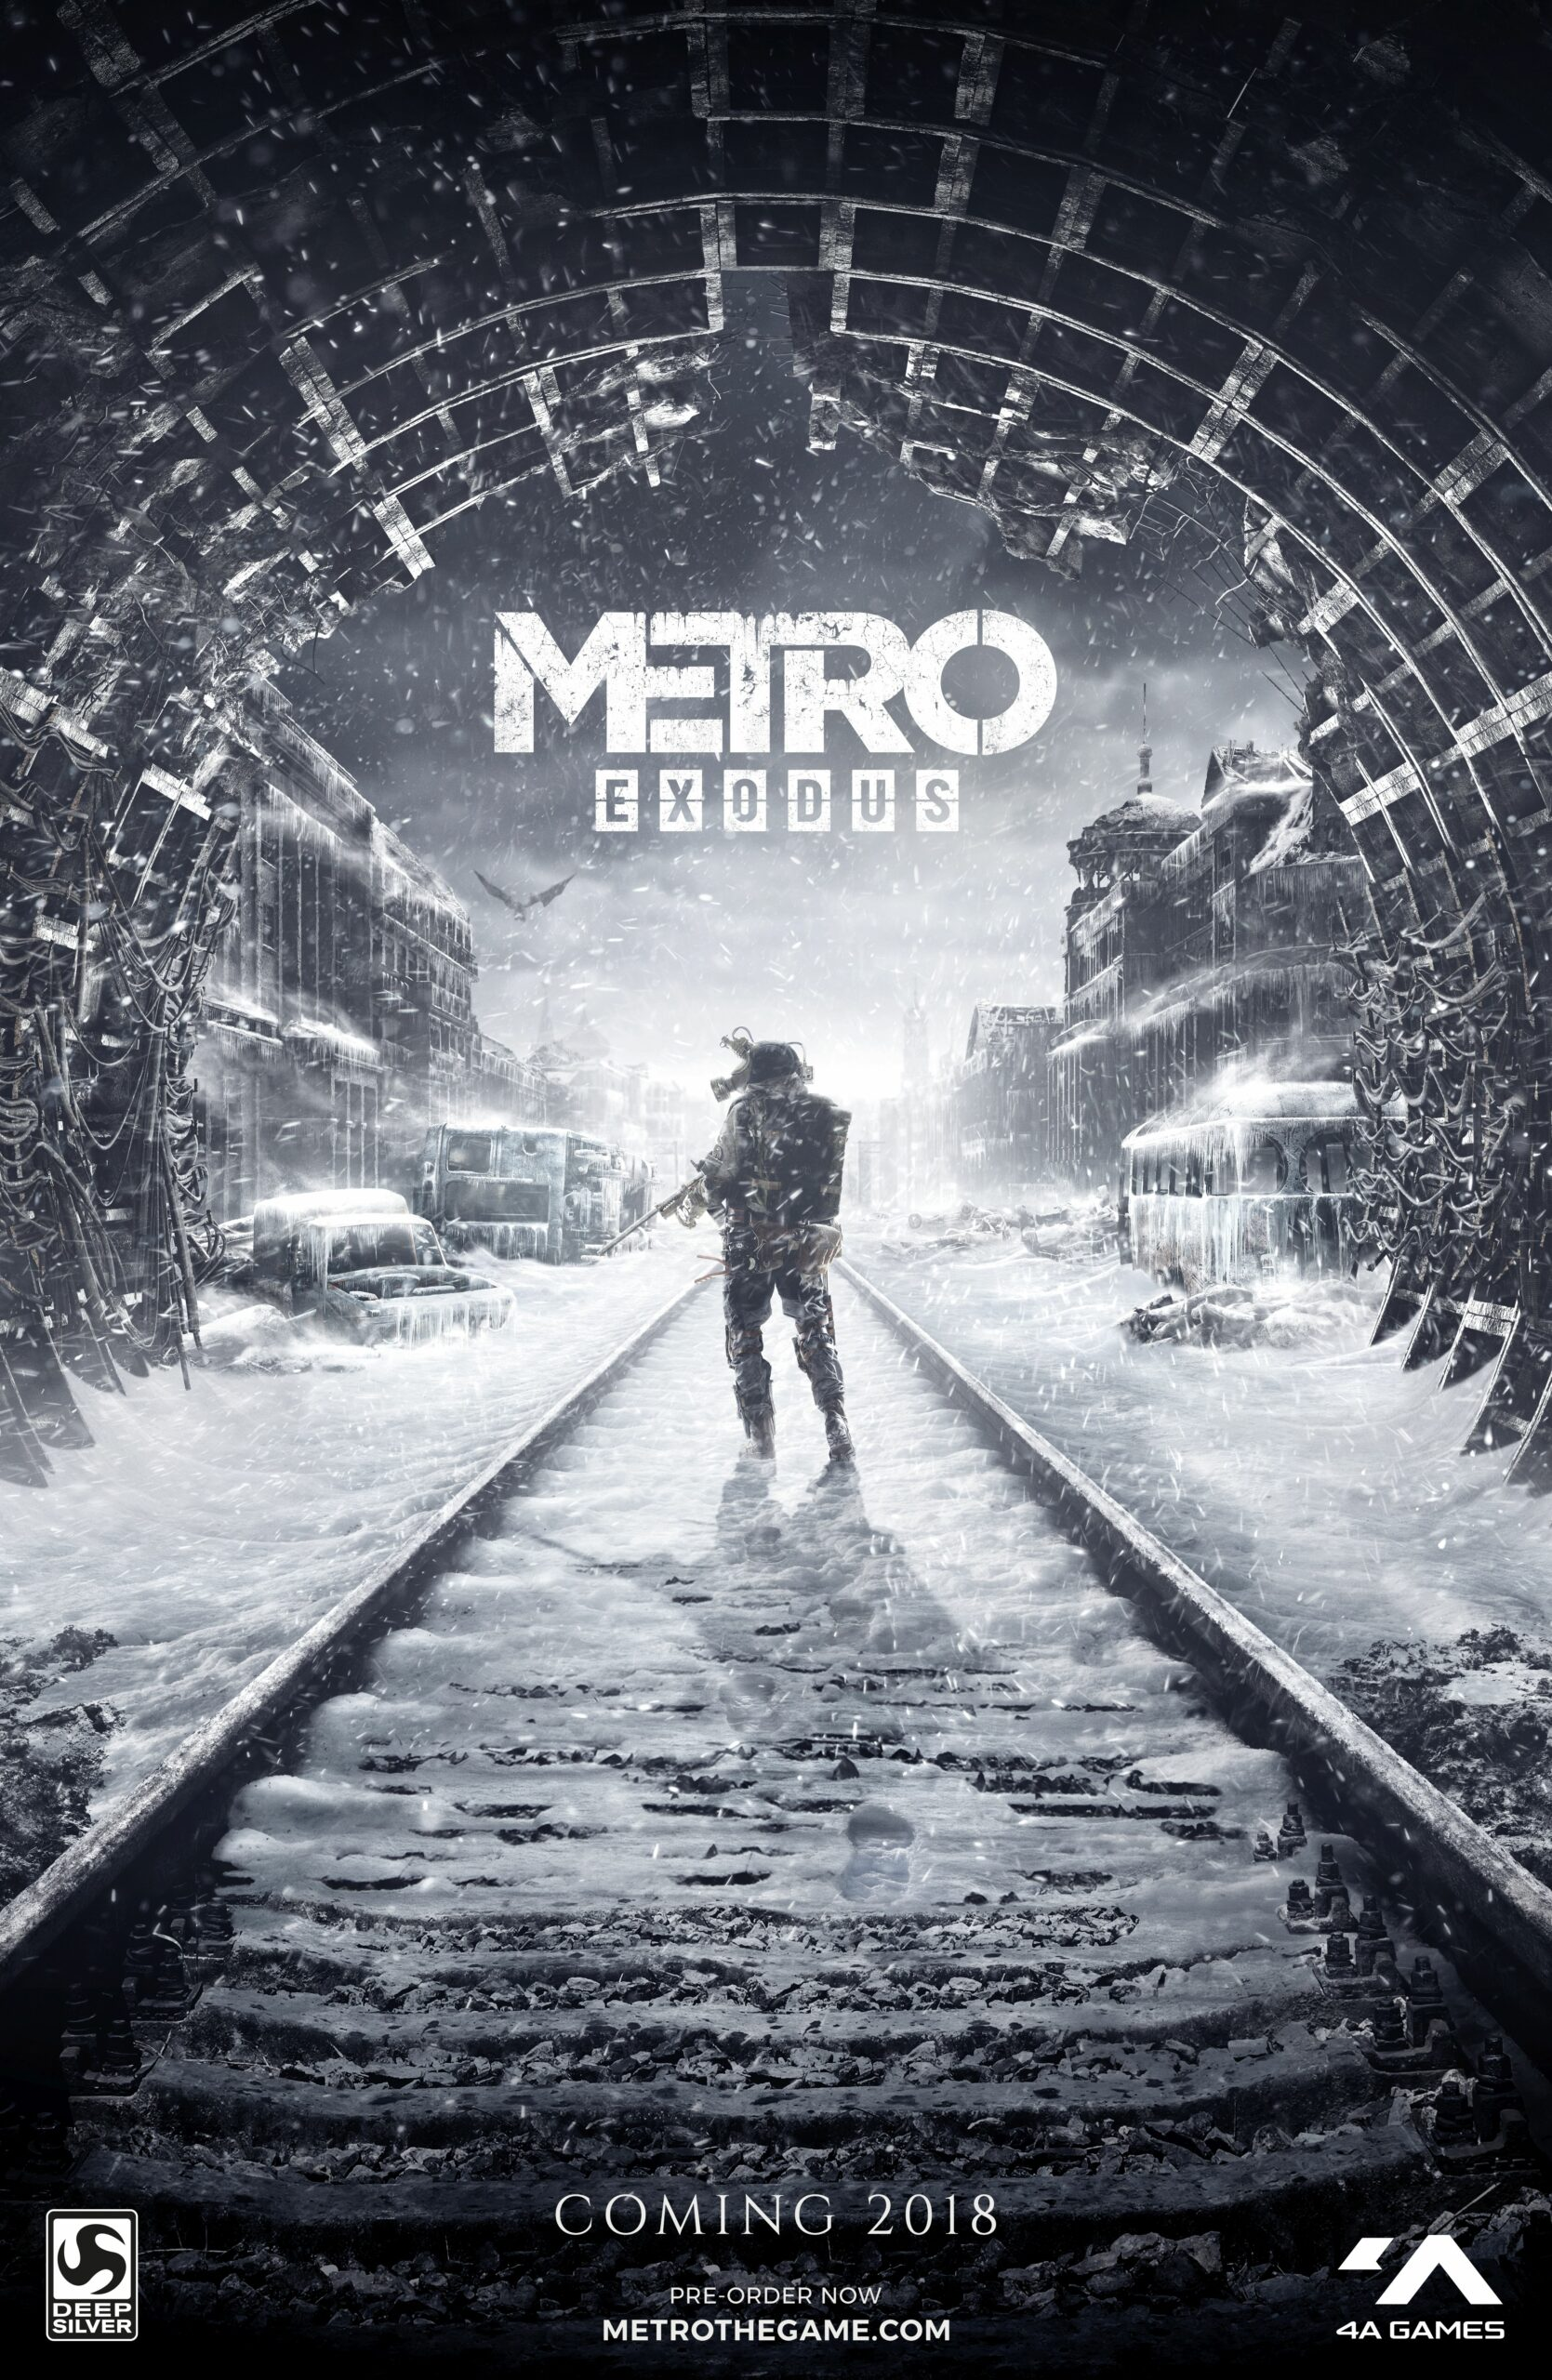 Metro-Xodus_2018_06-10-18_013